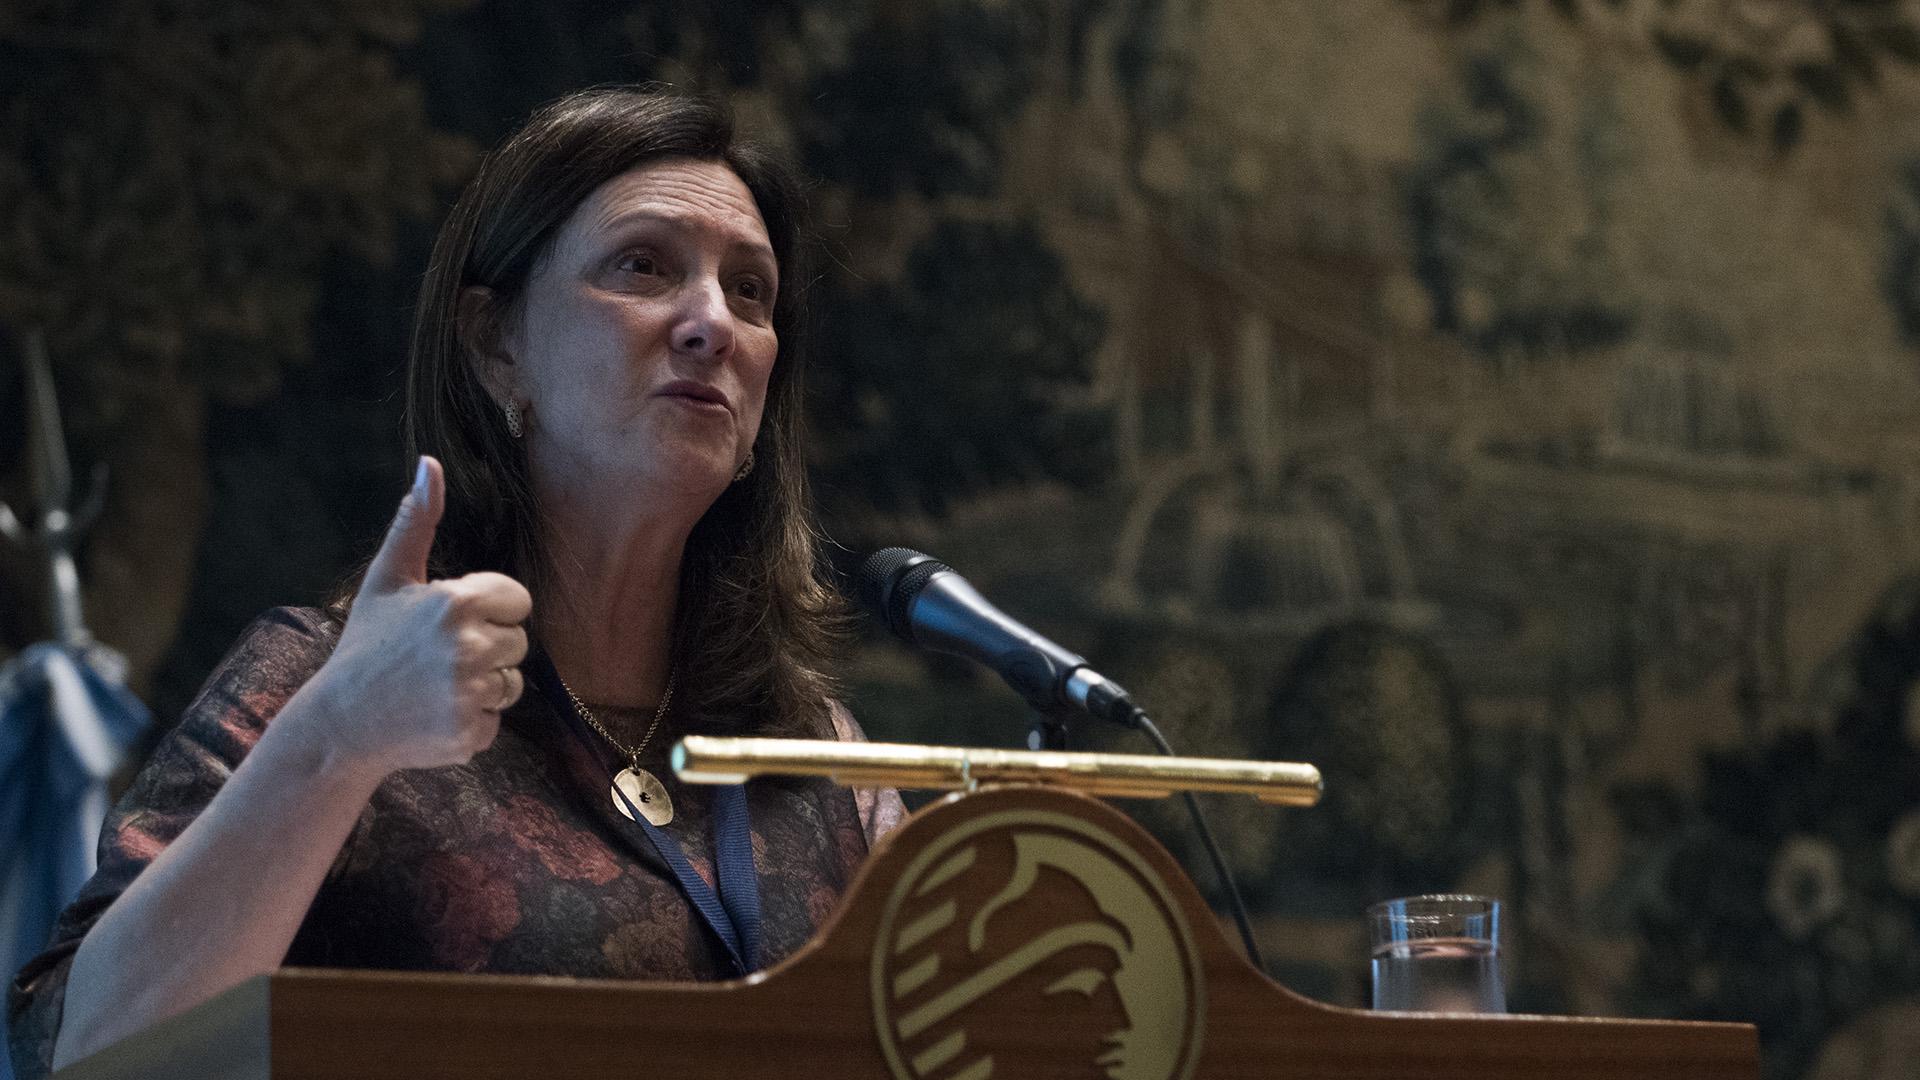 Luiza Carvalho se incorporó a la ONU Mujeres como directora regional para las Américas y el Caribe en 2014 (Adrián Escandar)